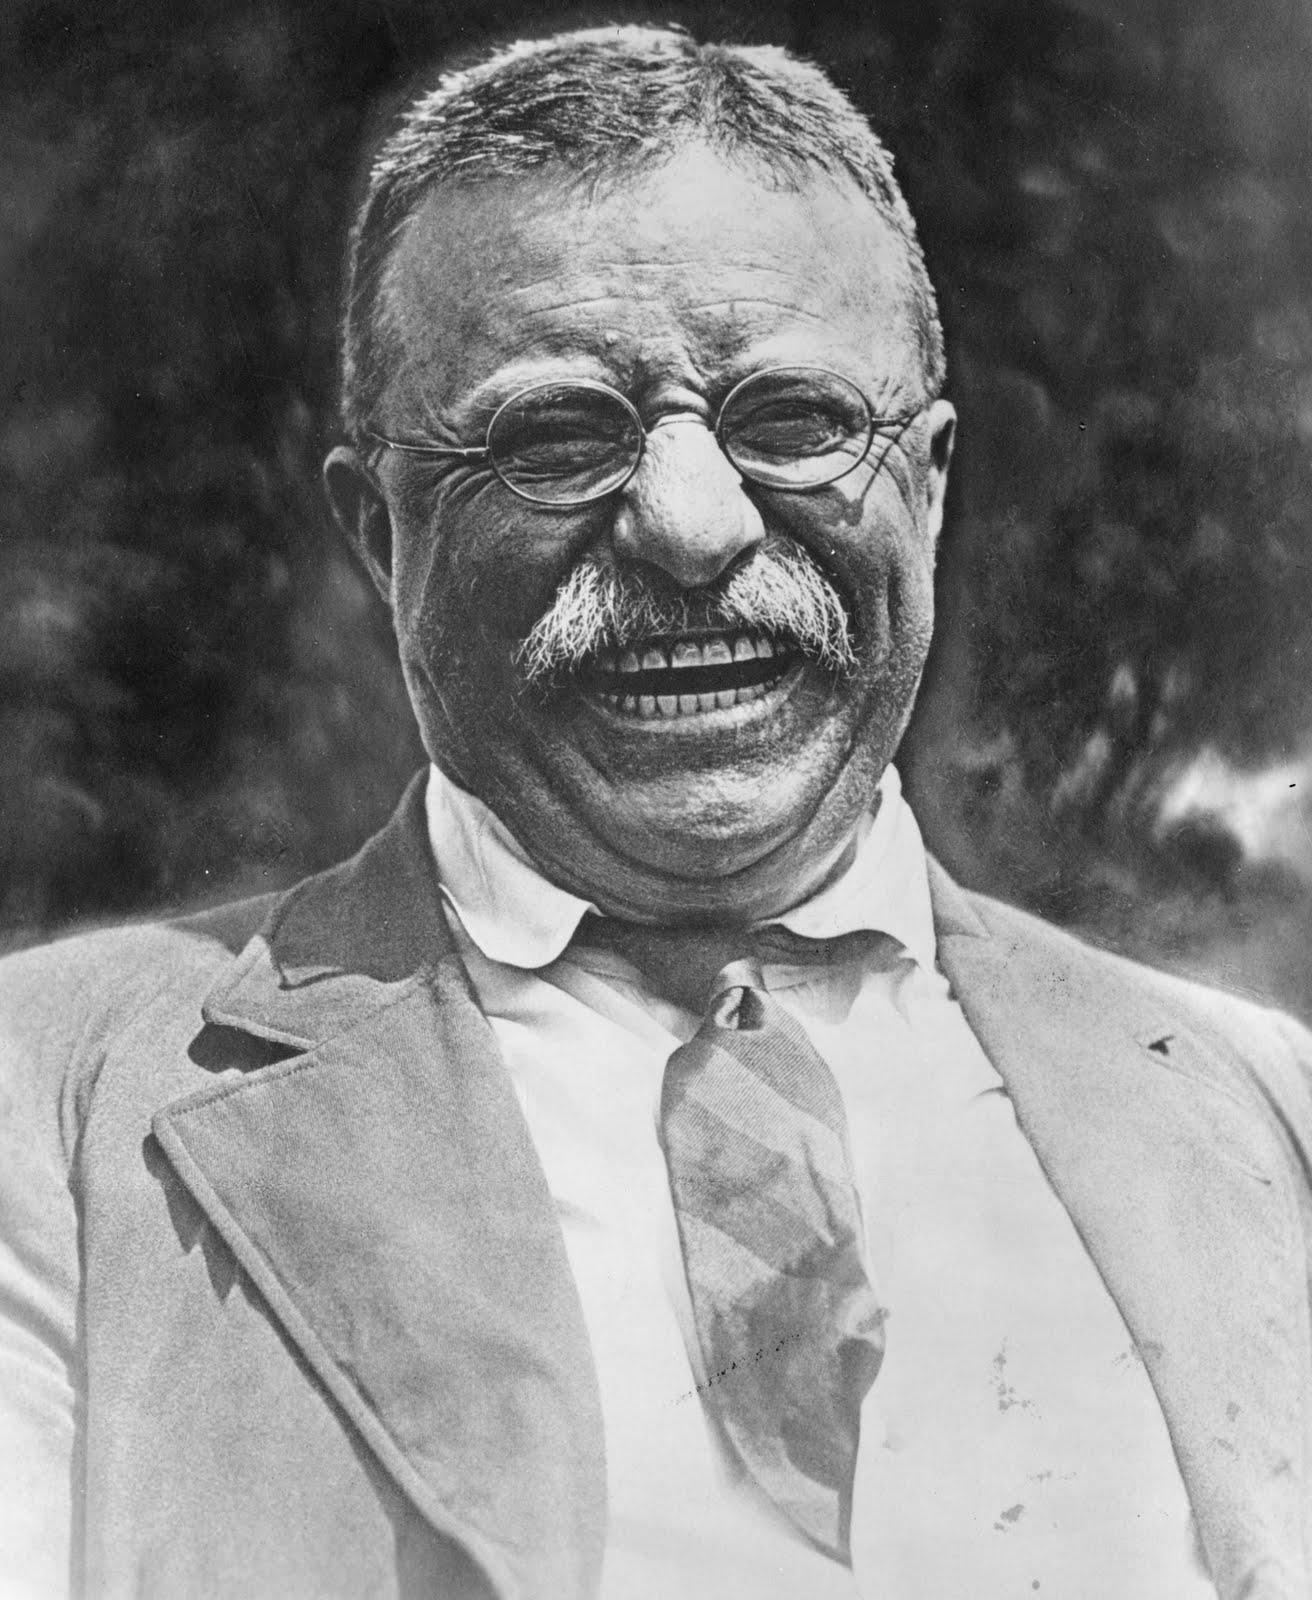 http://1.bp.blogspot.com/_AgOg4XaXWrs/TOPmCpzJ2yI/AAAAAAAAHI4/kFKLW5QhOpA/s1600/Theodore_Roosevelt_laughing.jpg